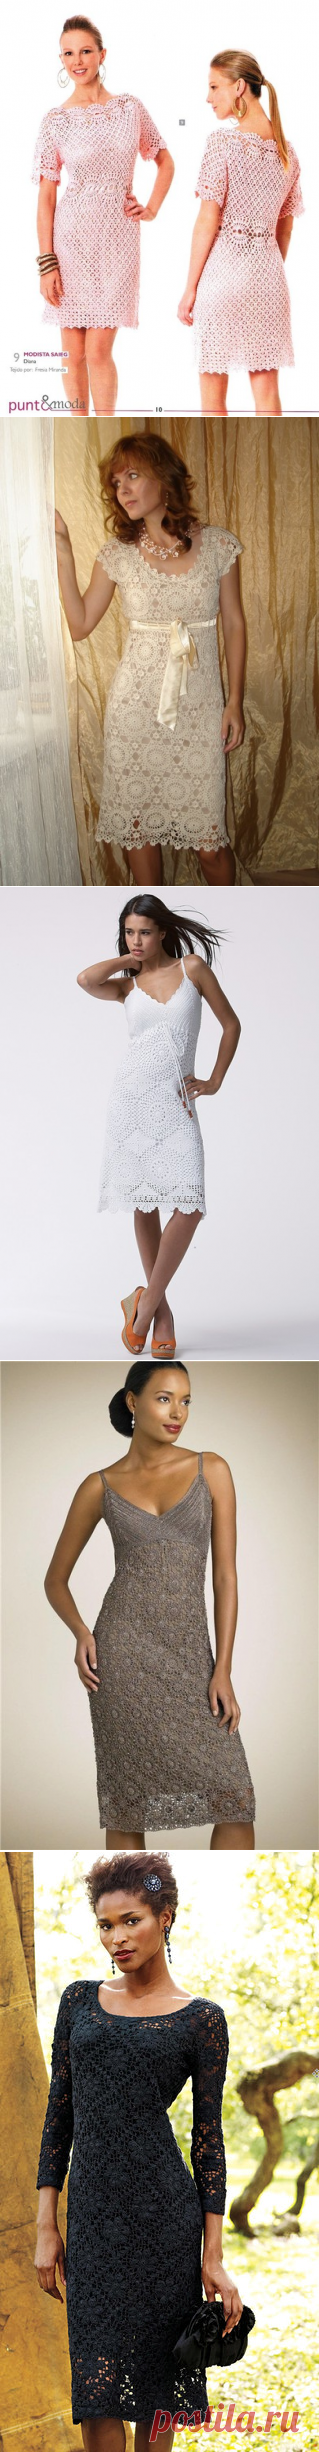 Вечерние платья крючком, вязать платье крючком схемы, летние платья крючком схемы и описание   Метки: фото, вязаный